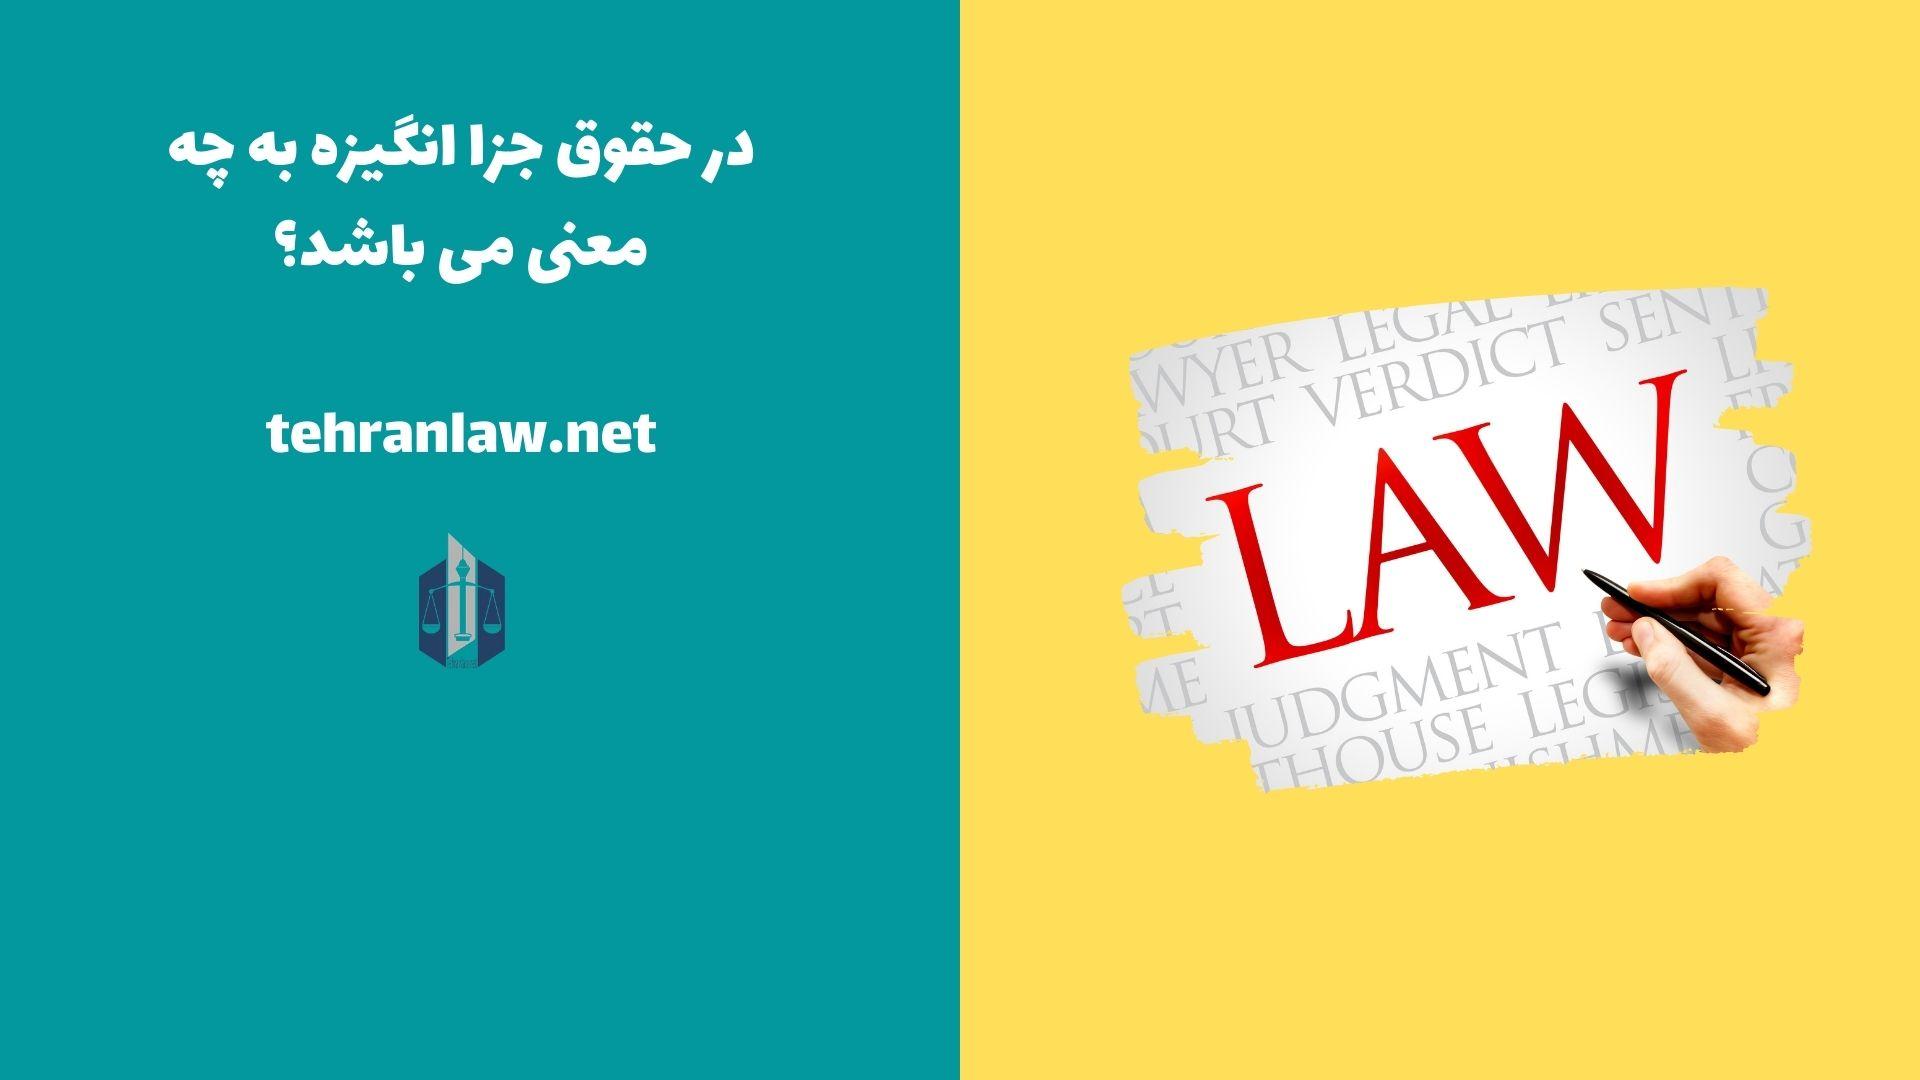 در حقوق جزا انگیزه به چه معنی می باشد؟